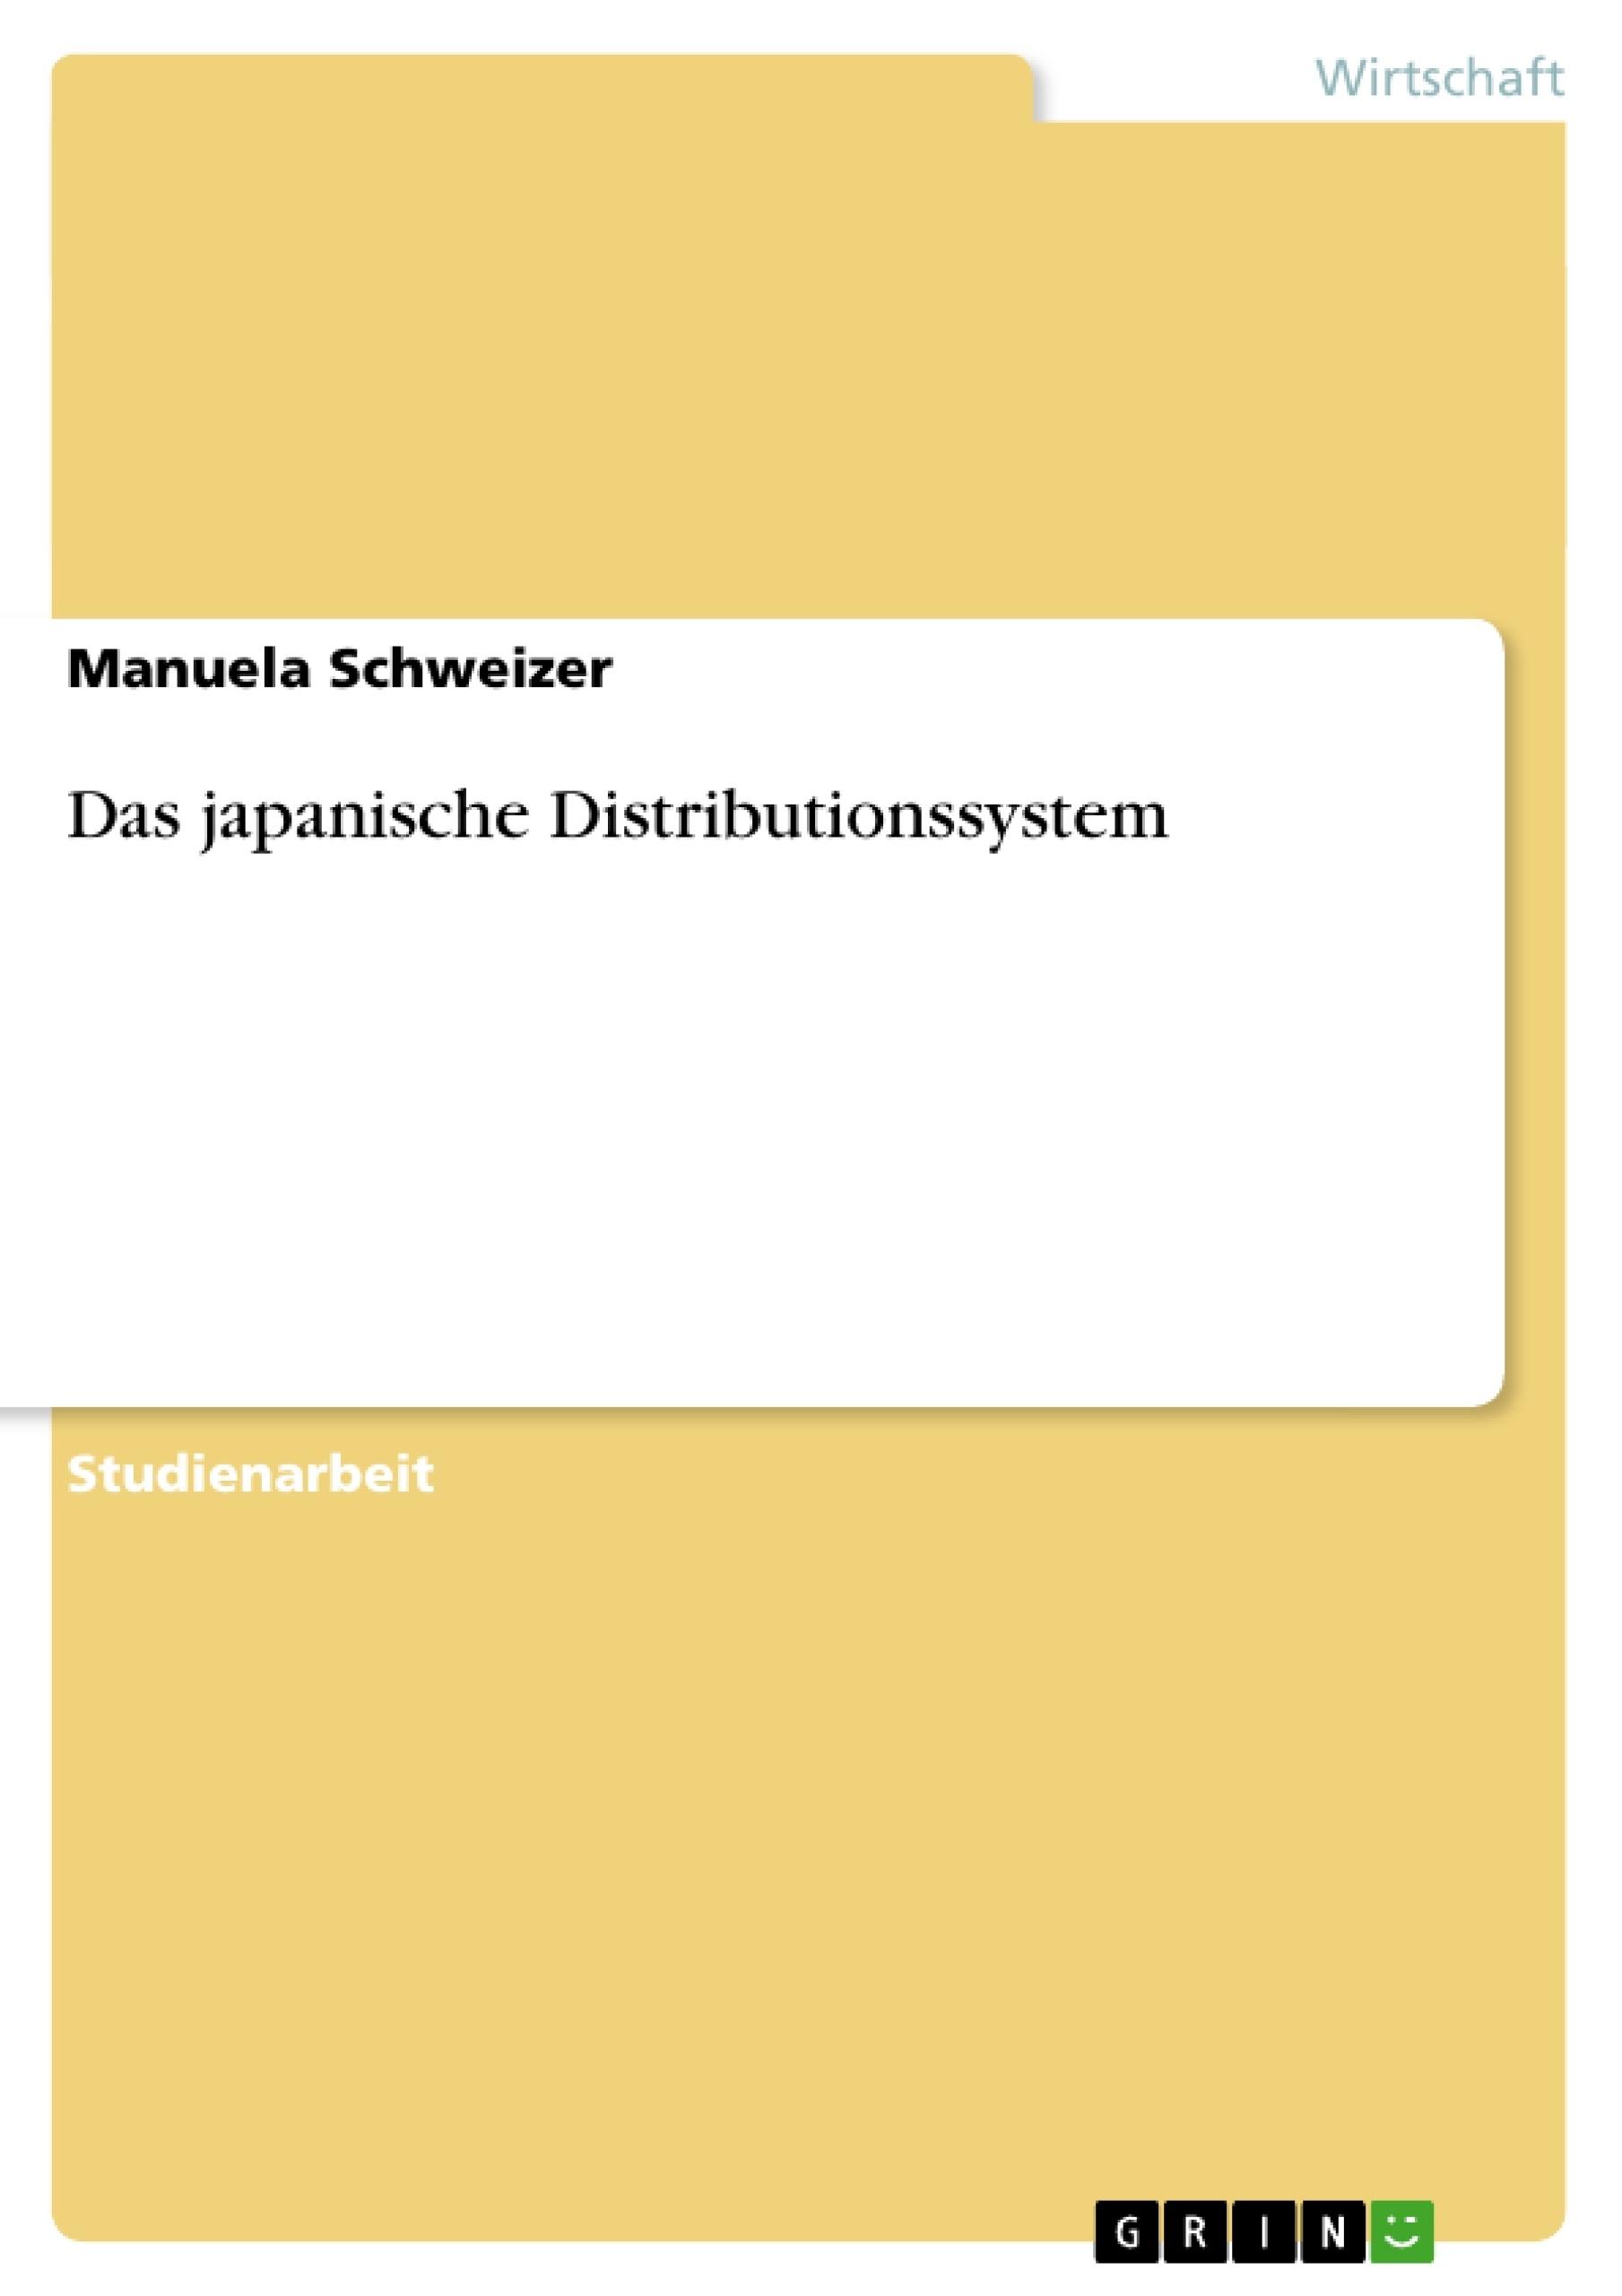 Titel: Das japanische Distributionssystem